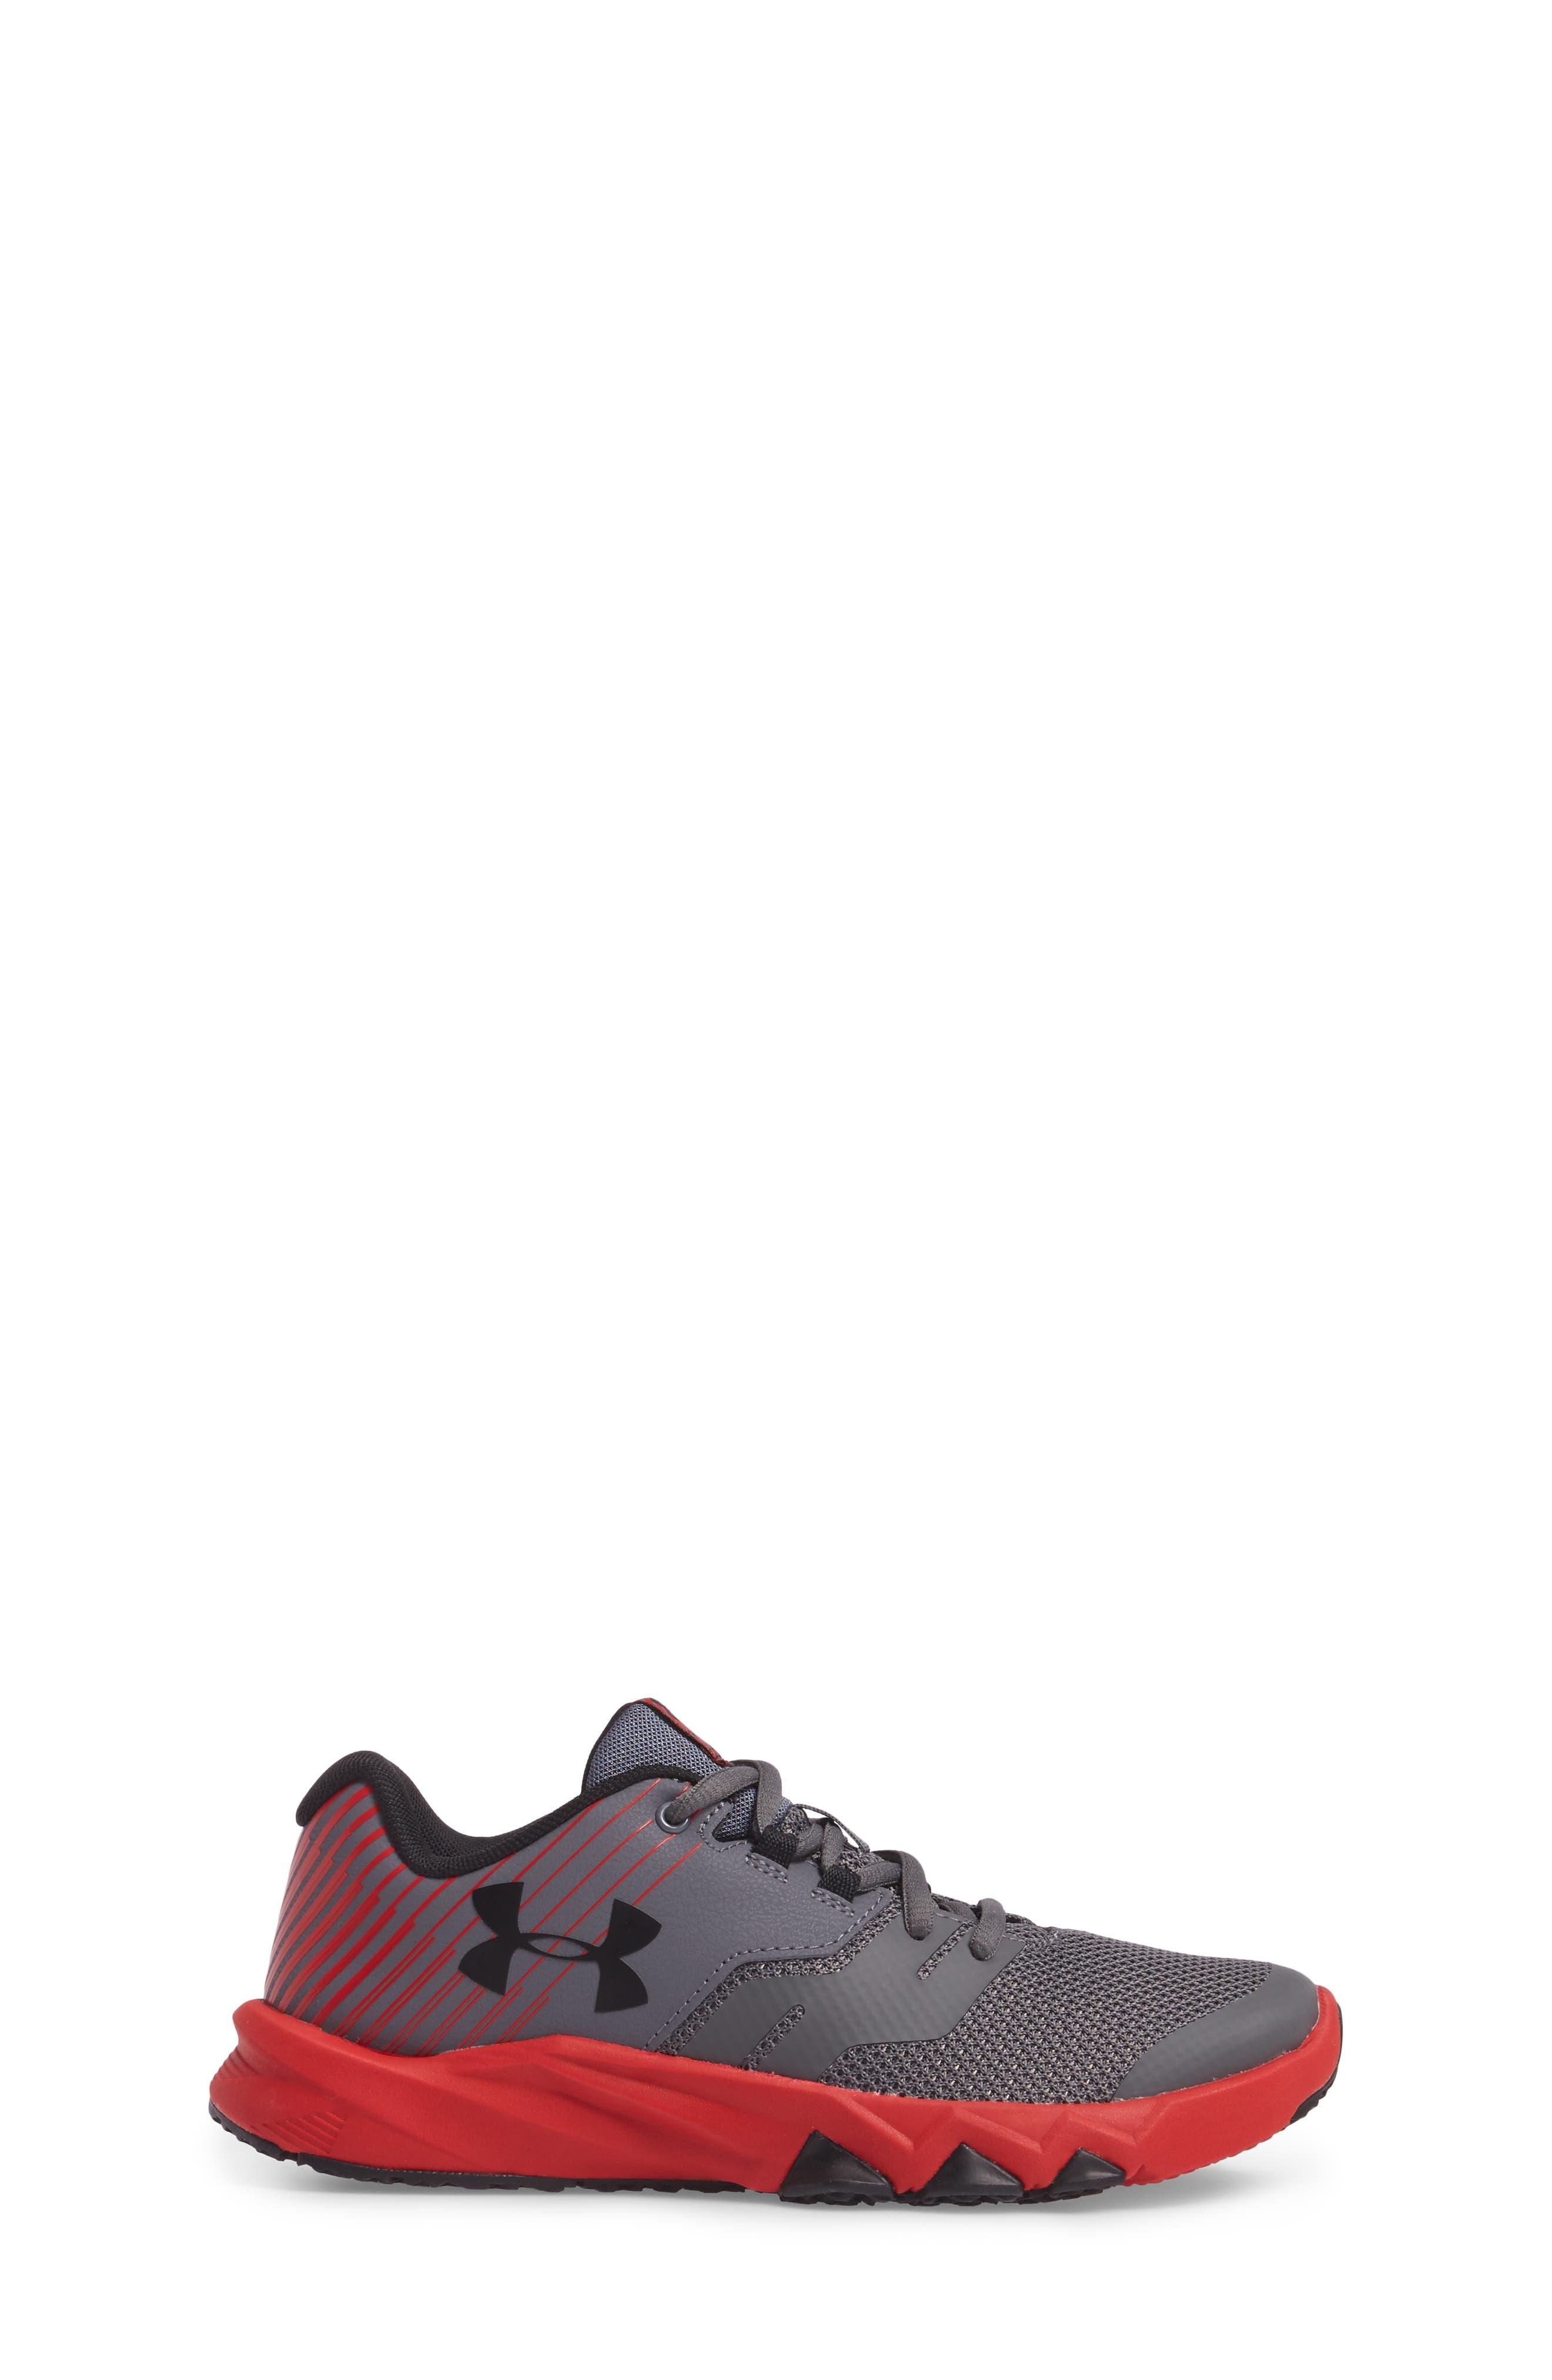 Grade School Primed 2 Running Shoe,                             Alternate thumbnail 3, color,                             Graphite/ Red/ Black